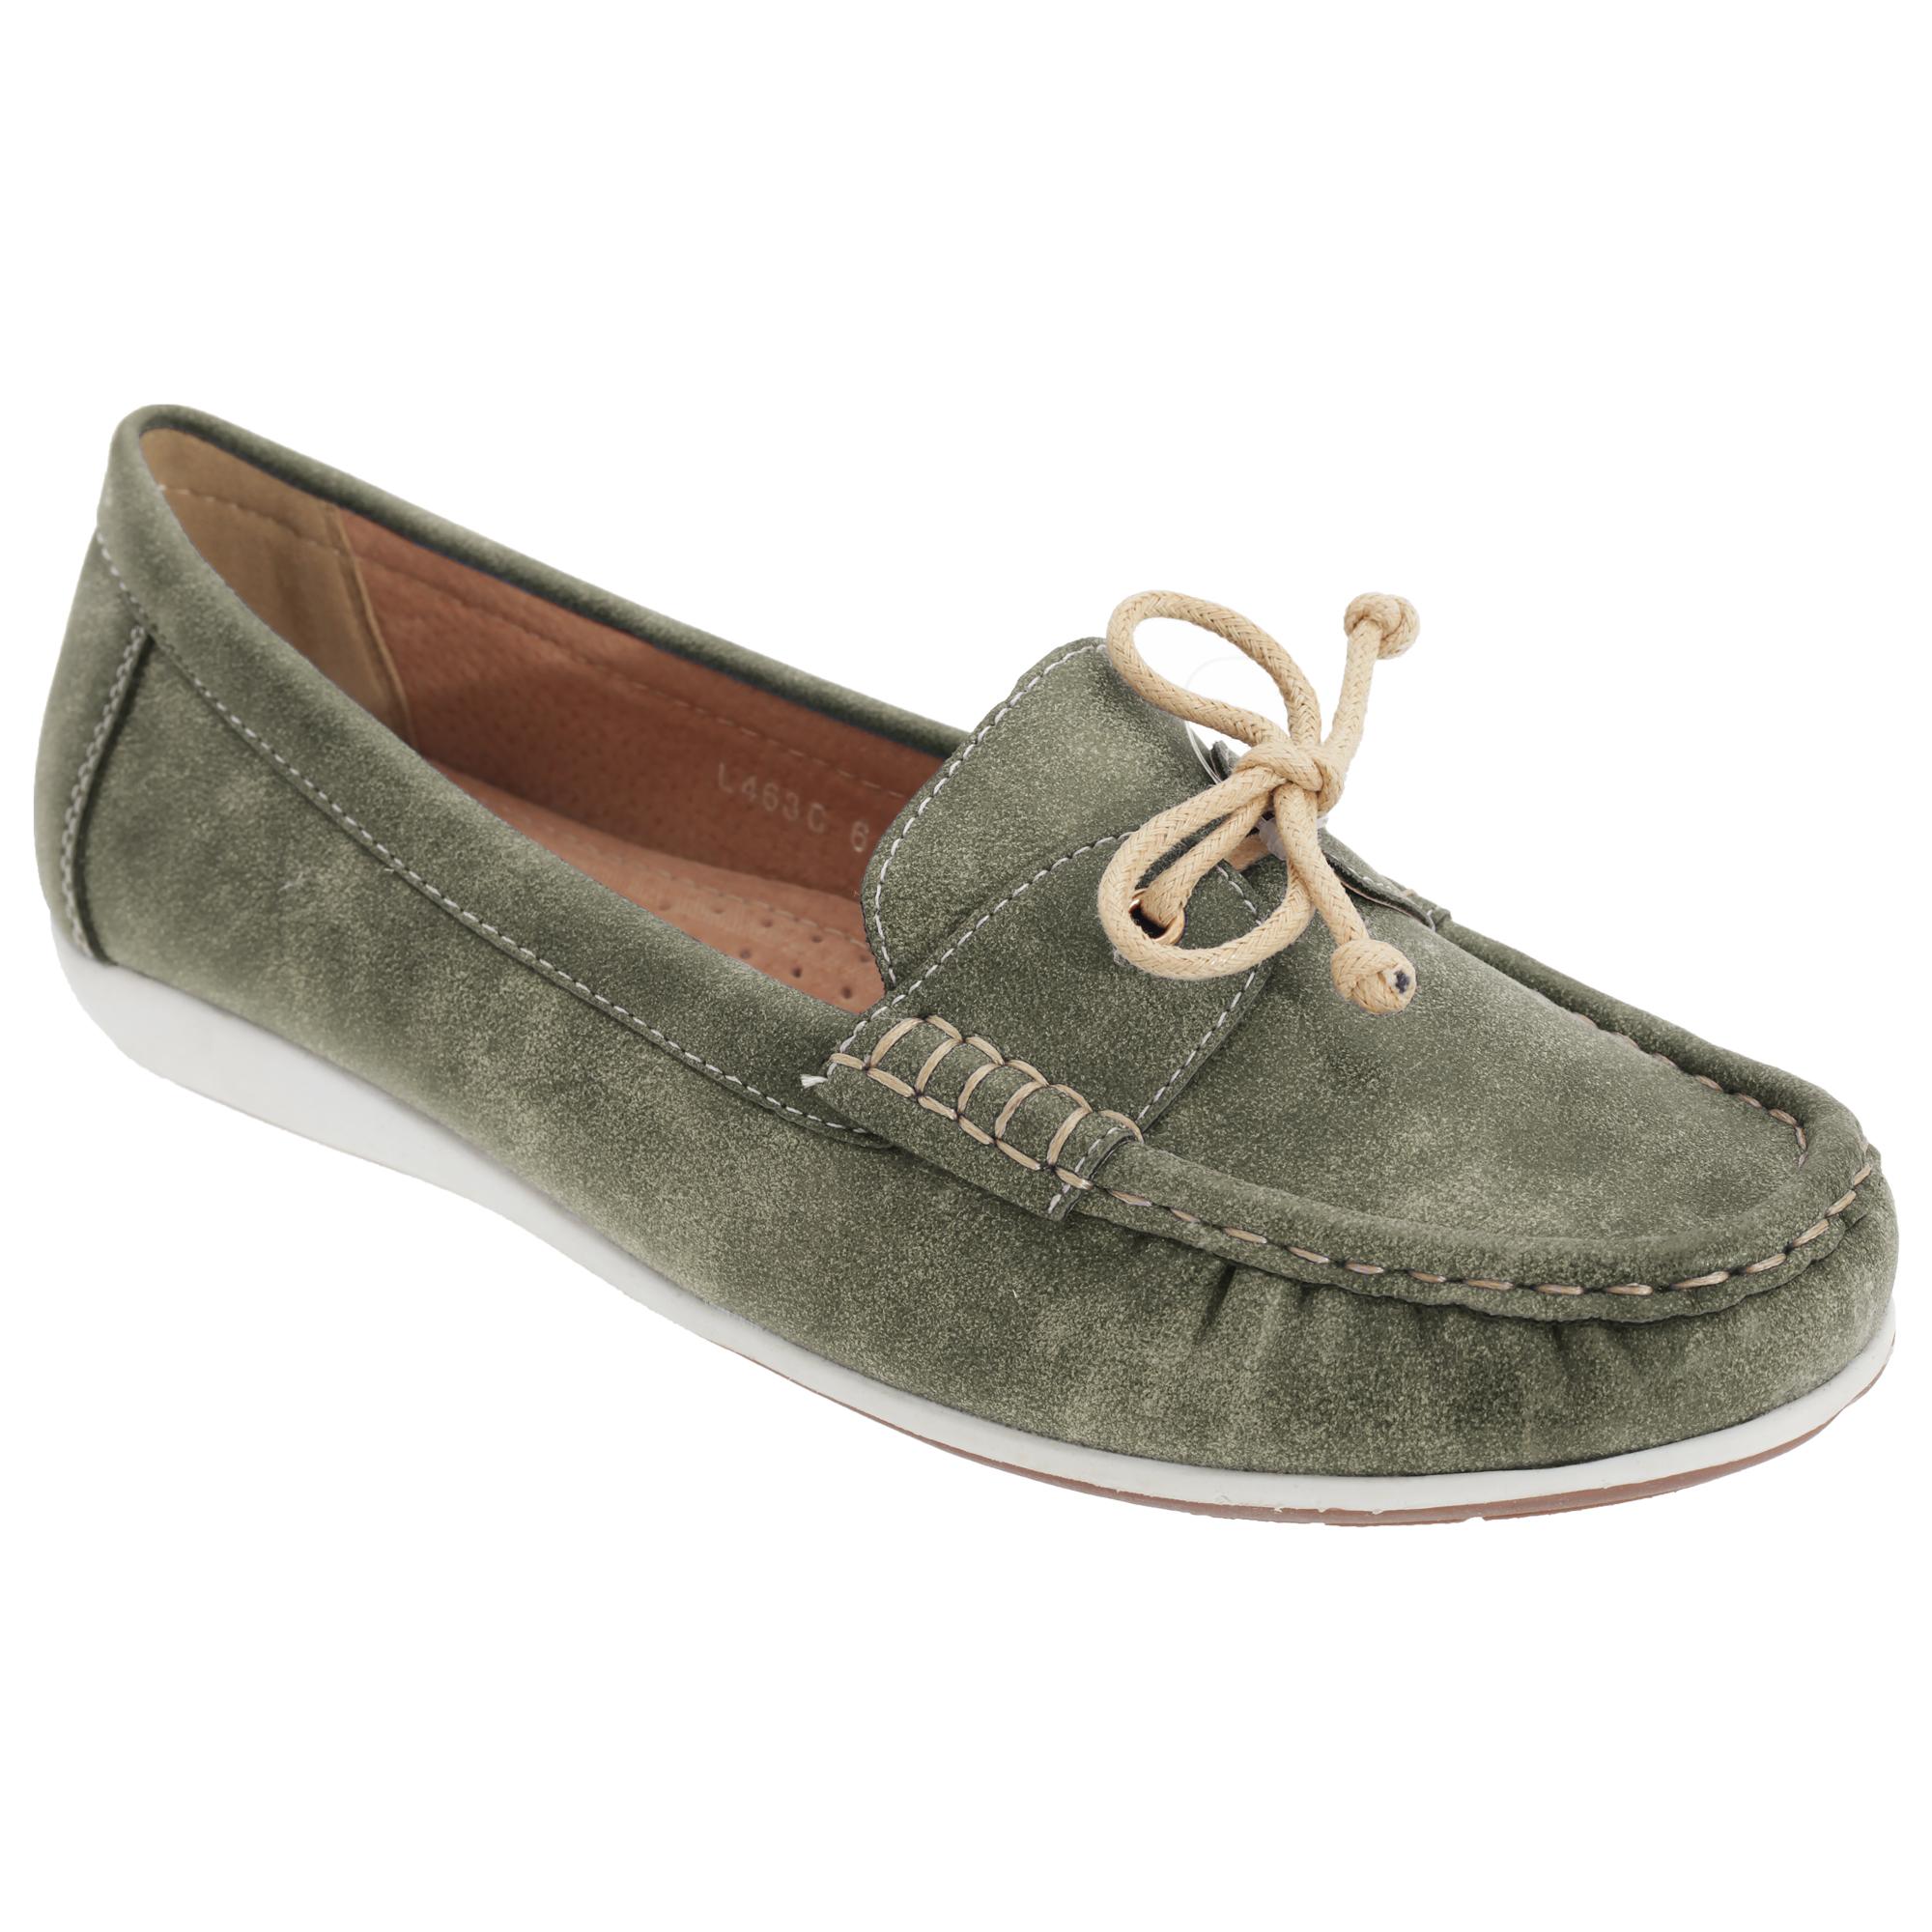 Boulevard Shoes Uk